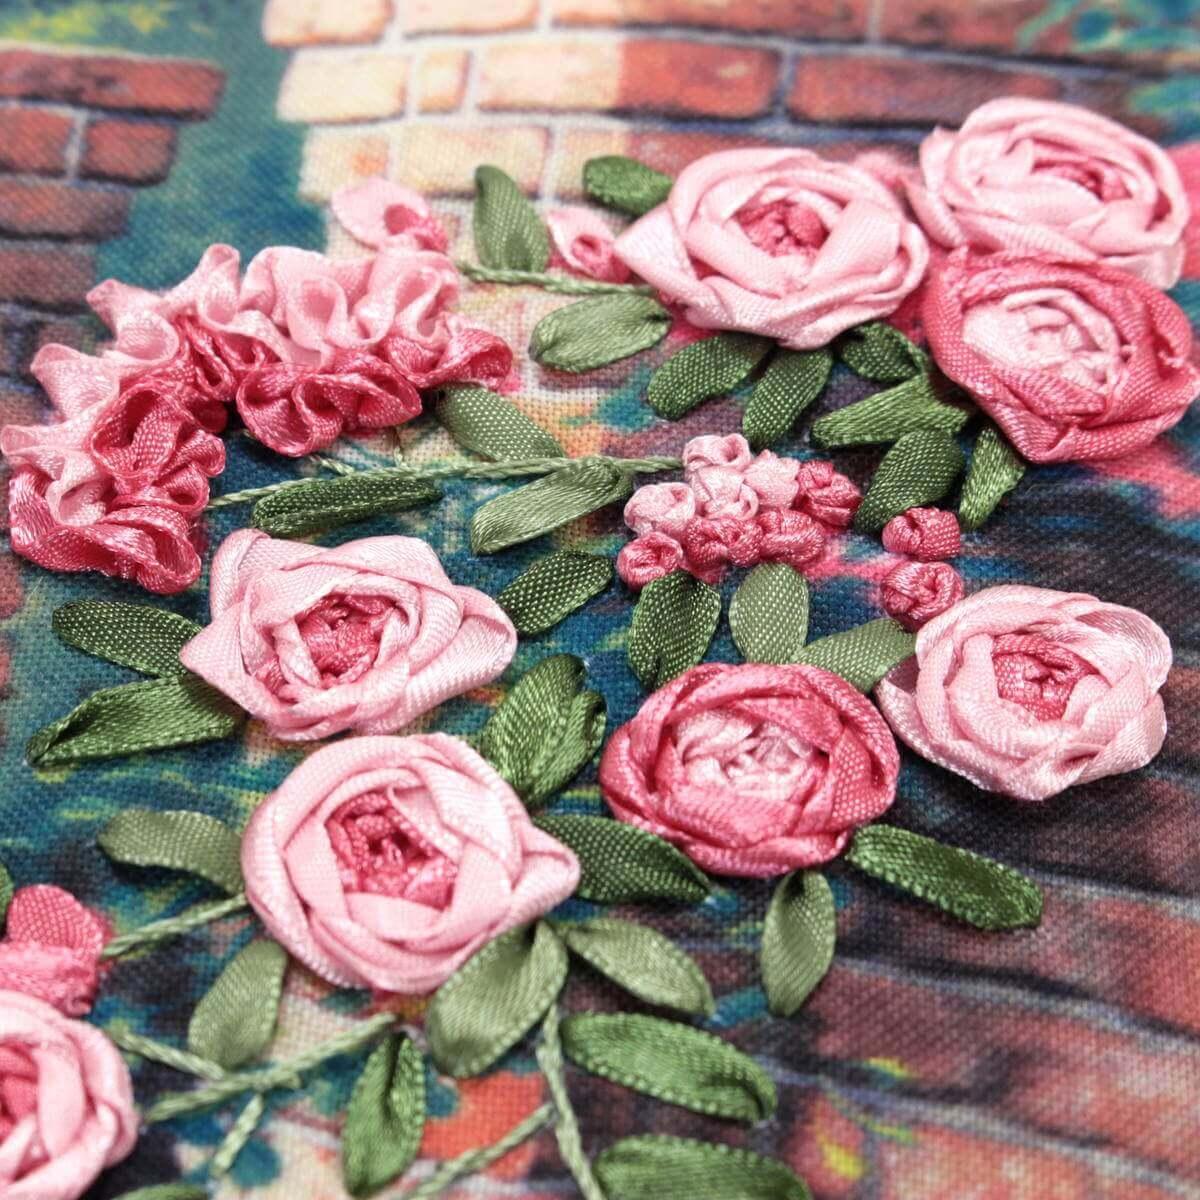 リボン刺繍アートパネル「母のポルテ」。一つ一つの花は職人の手仕事で表現されています。